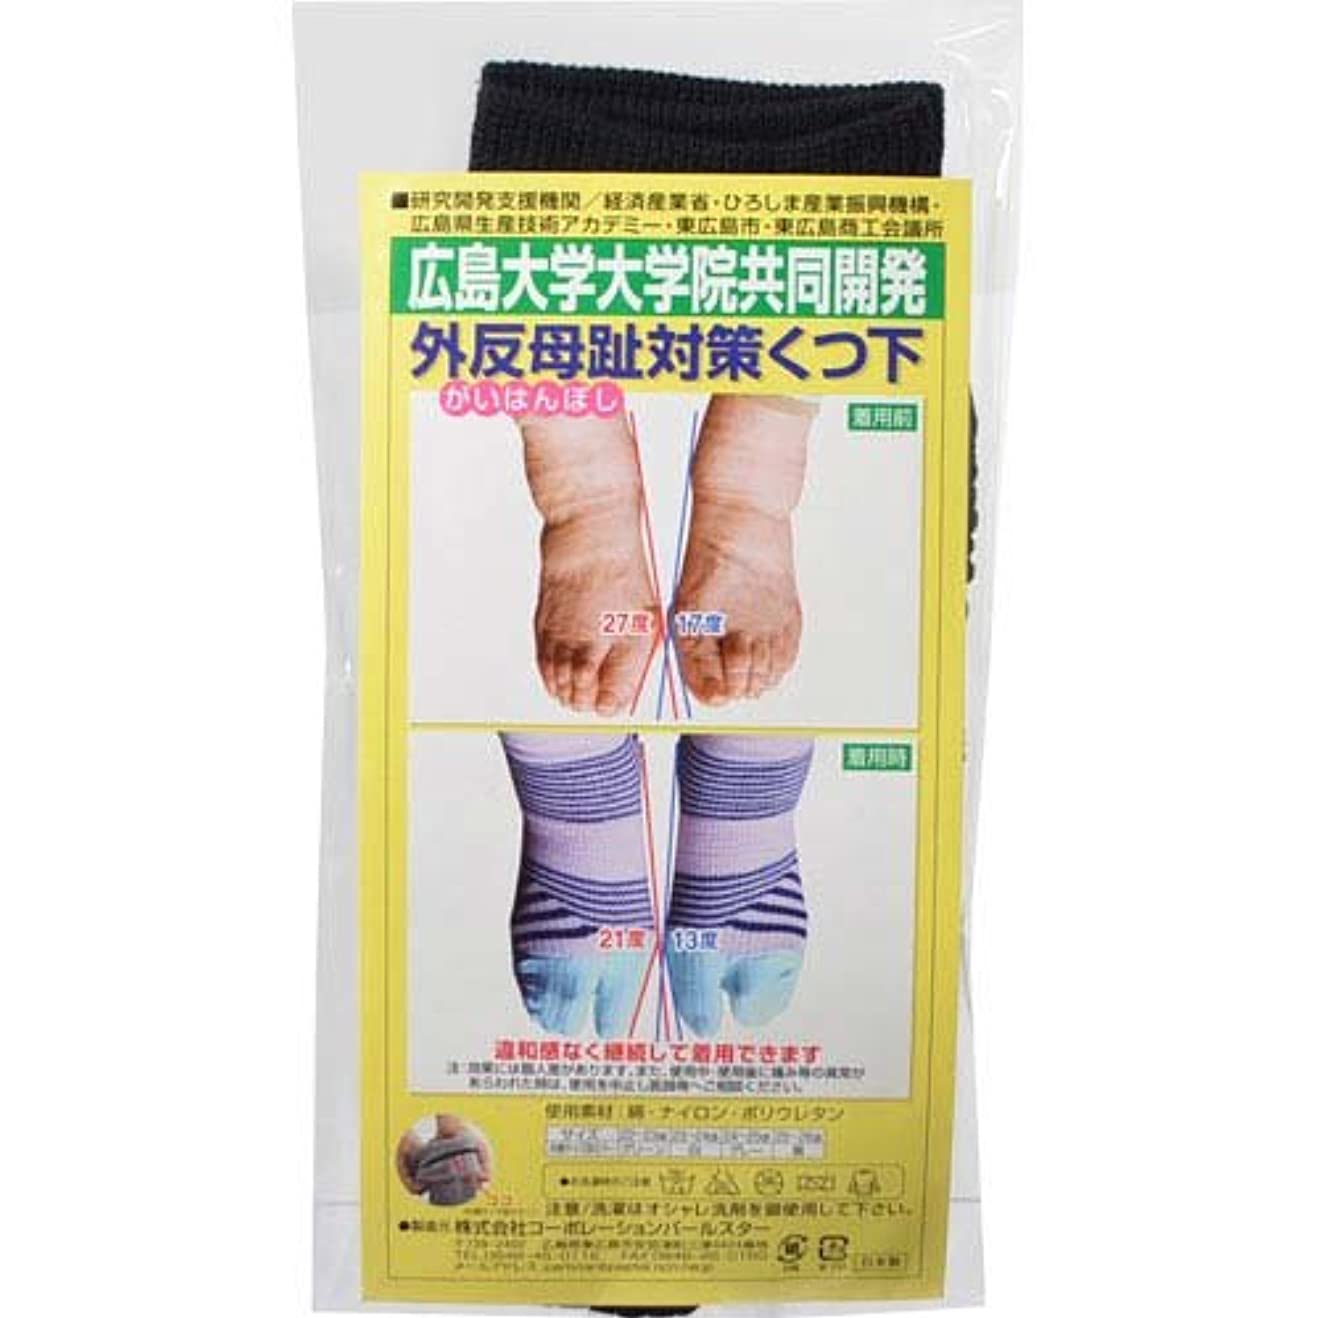 高度な望ましい犯人蘭華 外反母趾対策靴下 黒 24-25cm